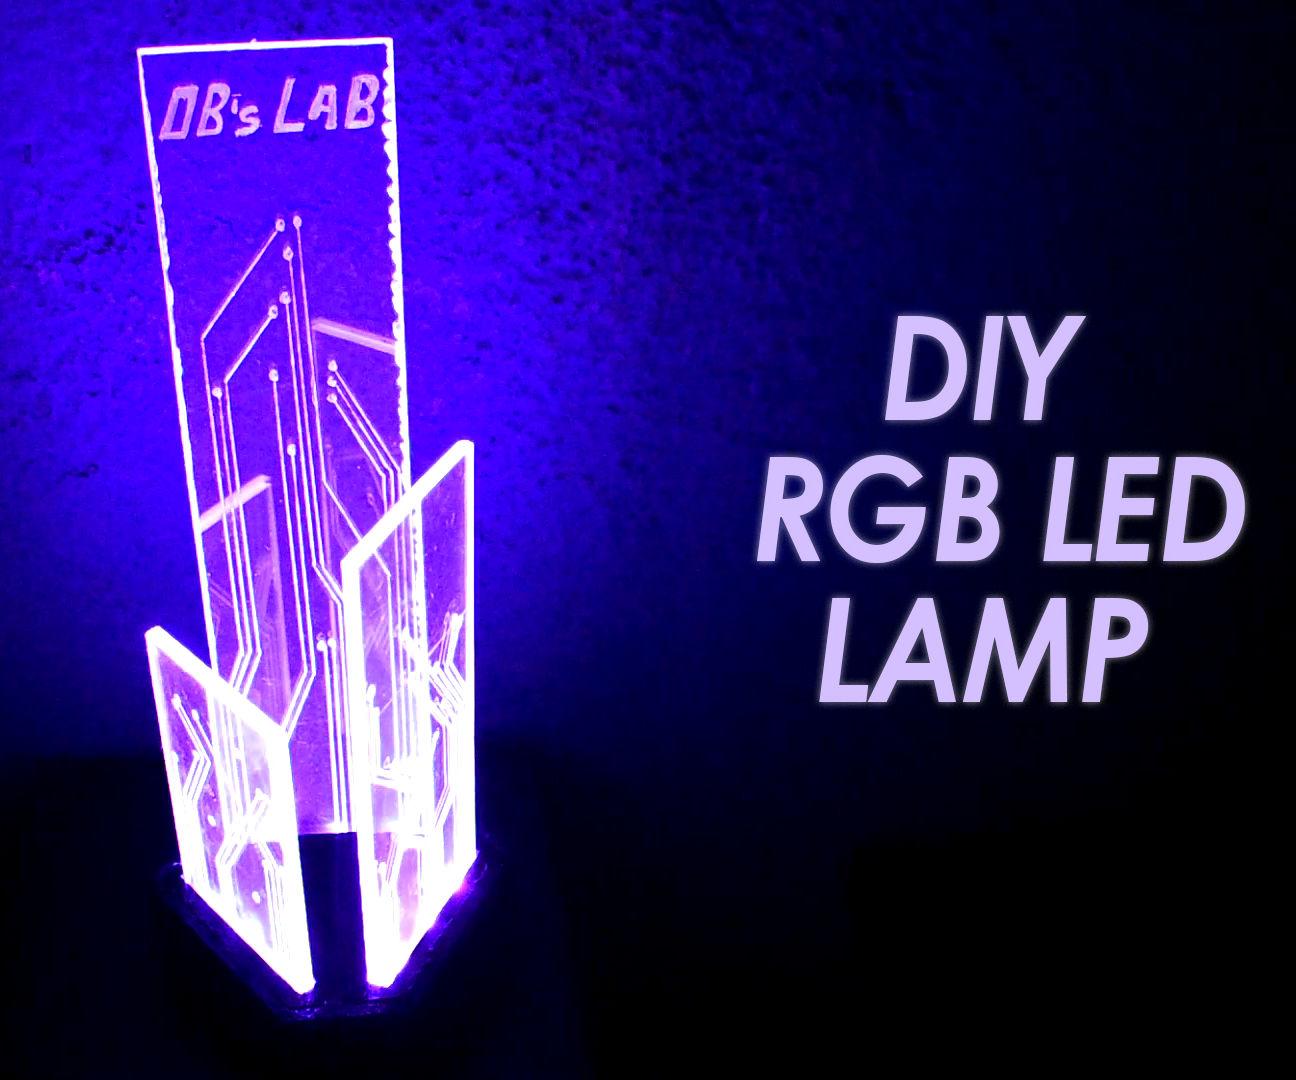 DIY RGB LED Lamp